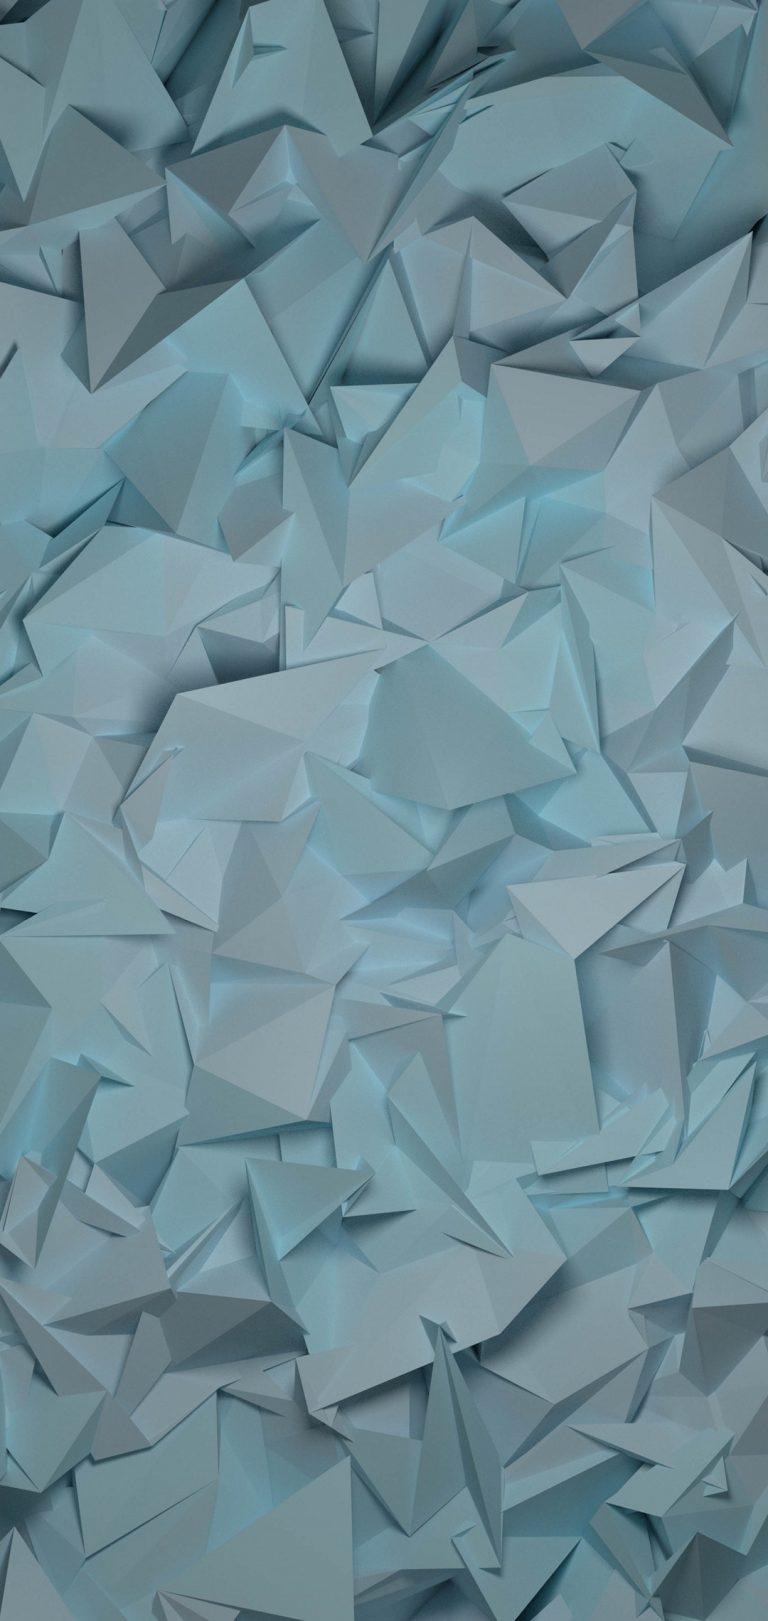 1080x2280 Wallpaper 202 768x1621